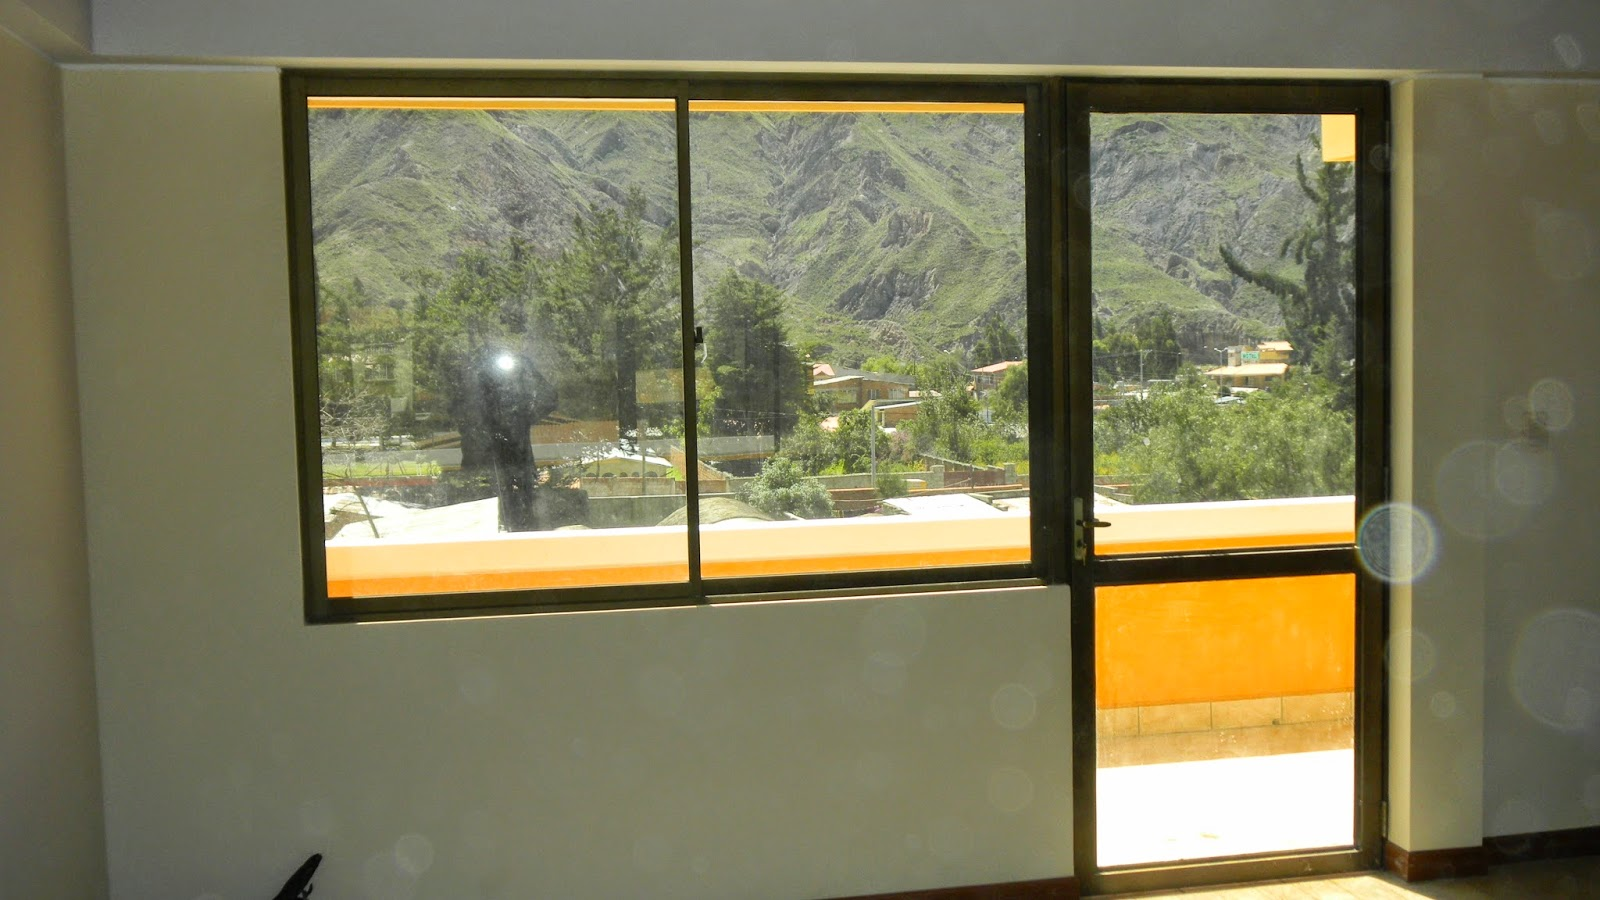 Ventanas y puertas de aluminio ventavid - Cierres para puertas de aluminio ...